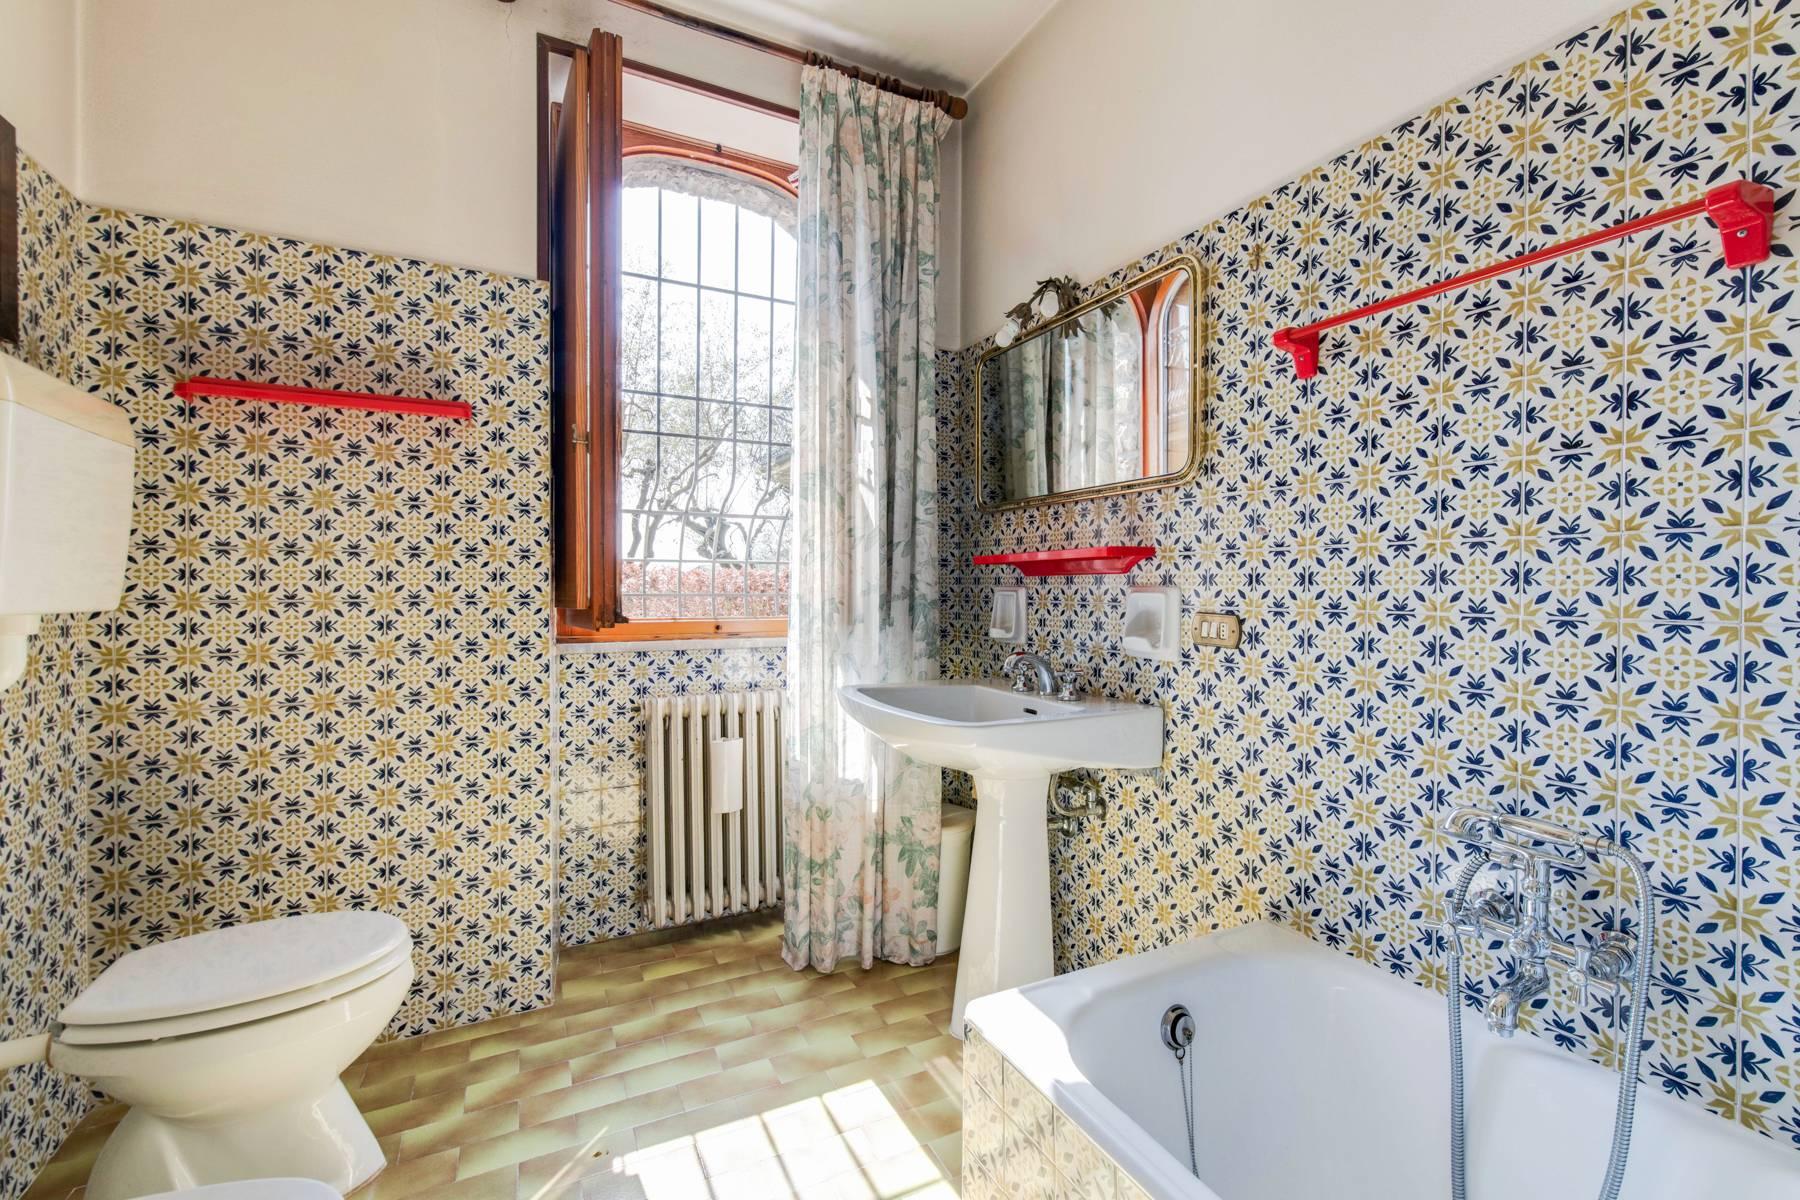 Villa in Vendita a Gargnano: 5 locali, 330 mq - Foto 17